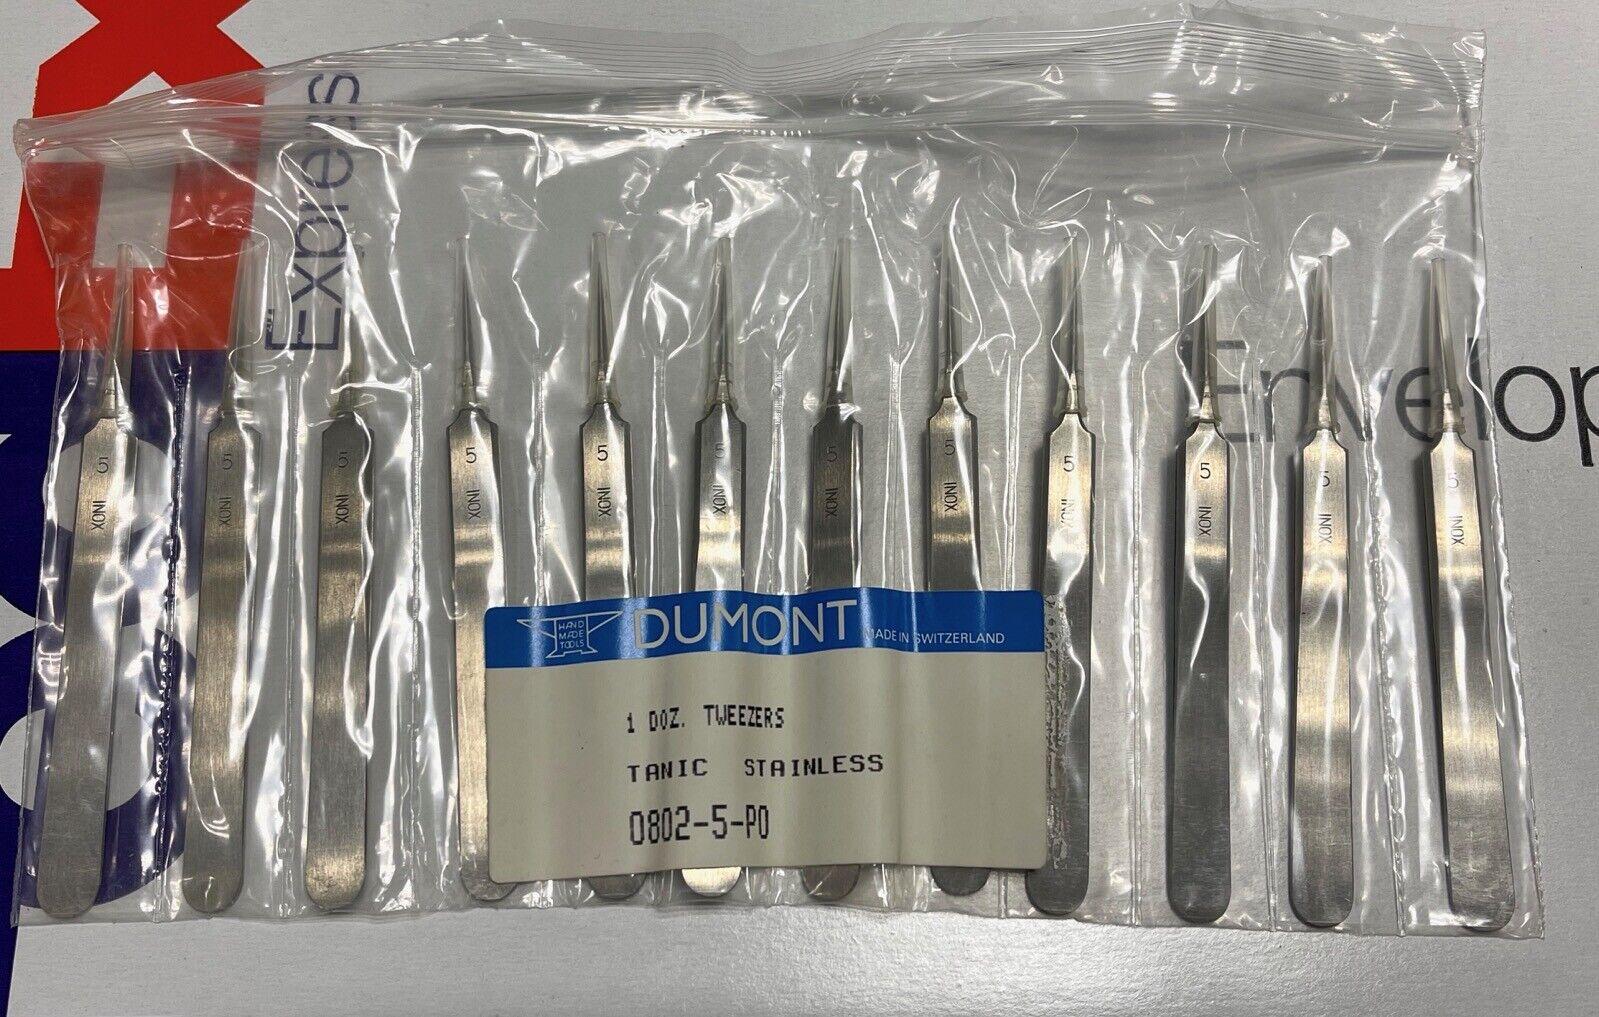 [ 1pc=1 Tweezer ] Dumont N. 5 Tanic Bergeon 0802-5-P0 Pinza watchmaker